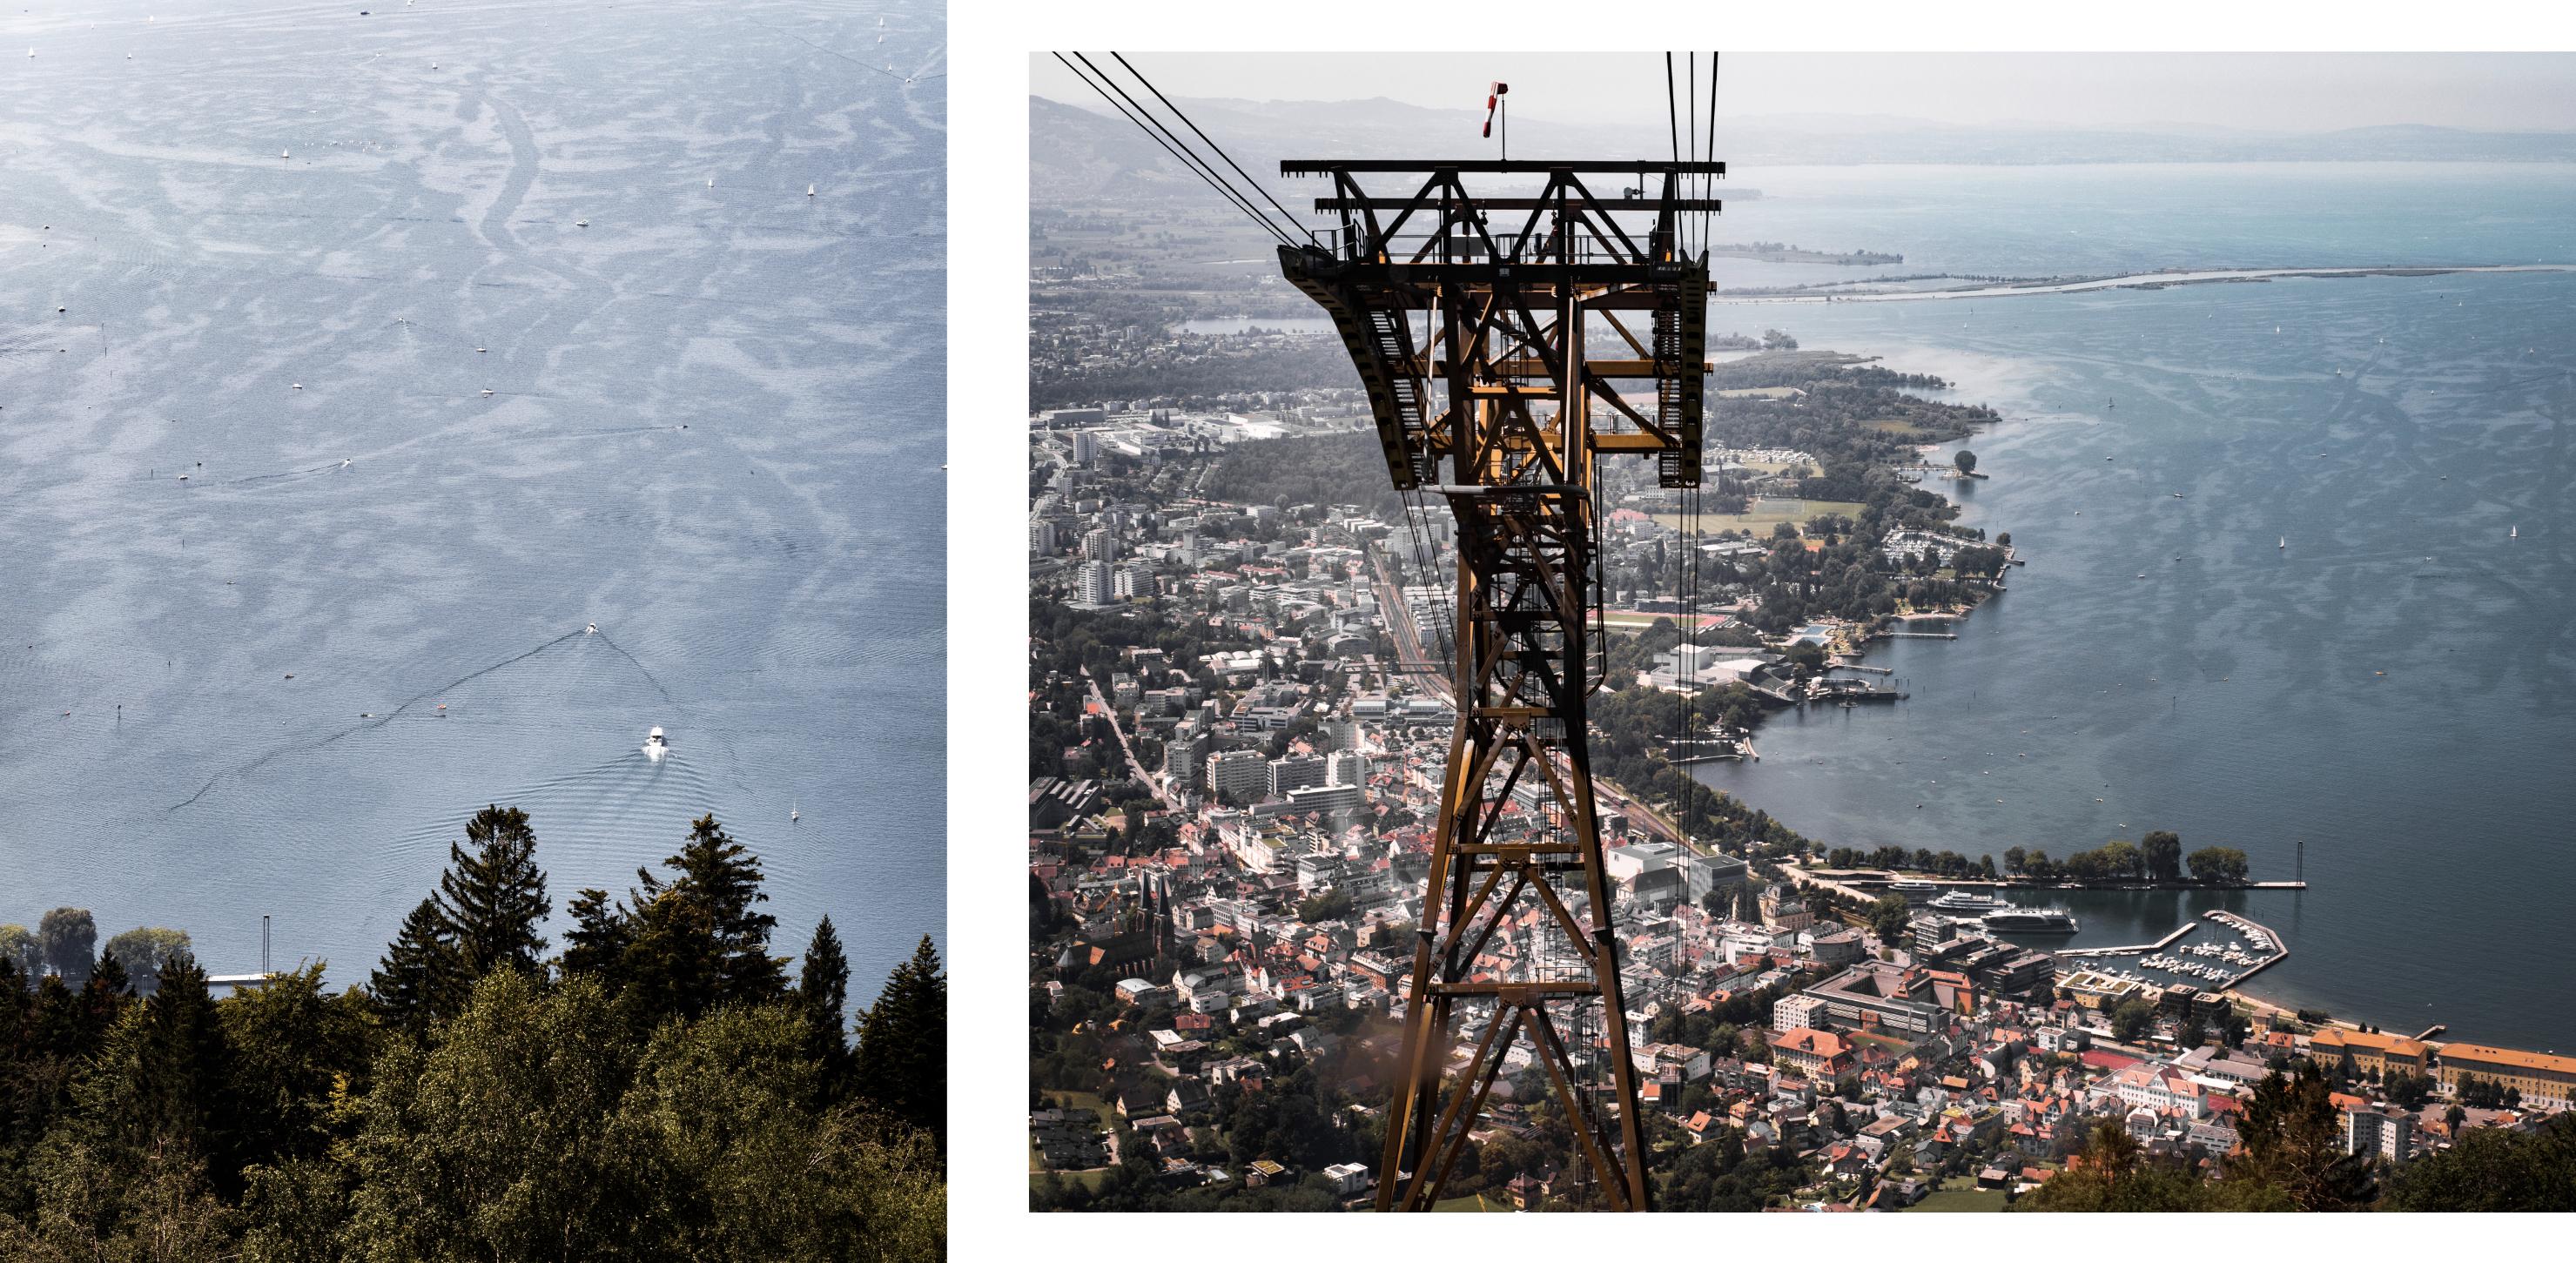 découvrir le lac de Constance - Bodensee ou lac de Constance - découvrir le Pfänder en Autriche - prendre le téléphérique à Bregenz